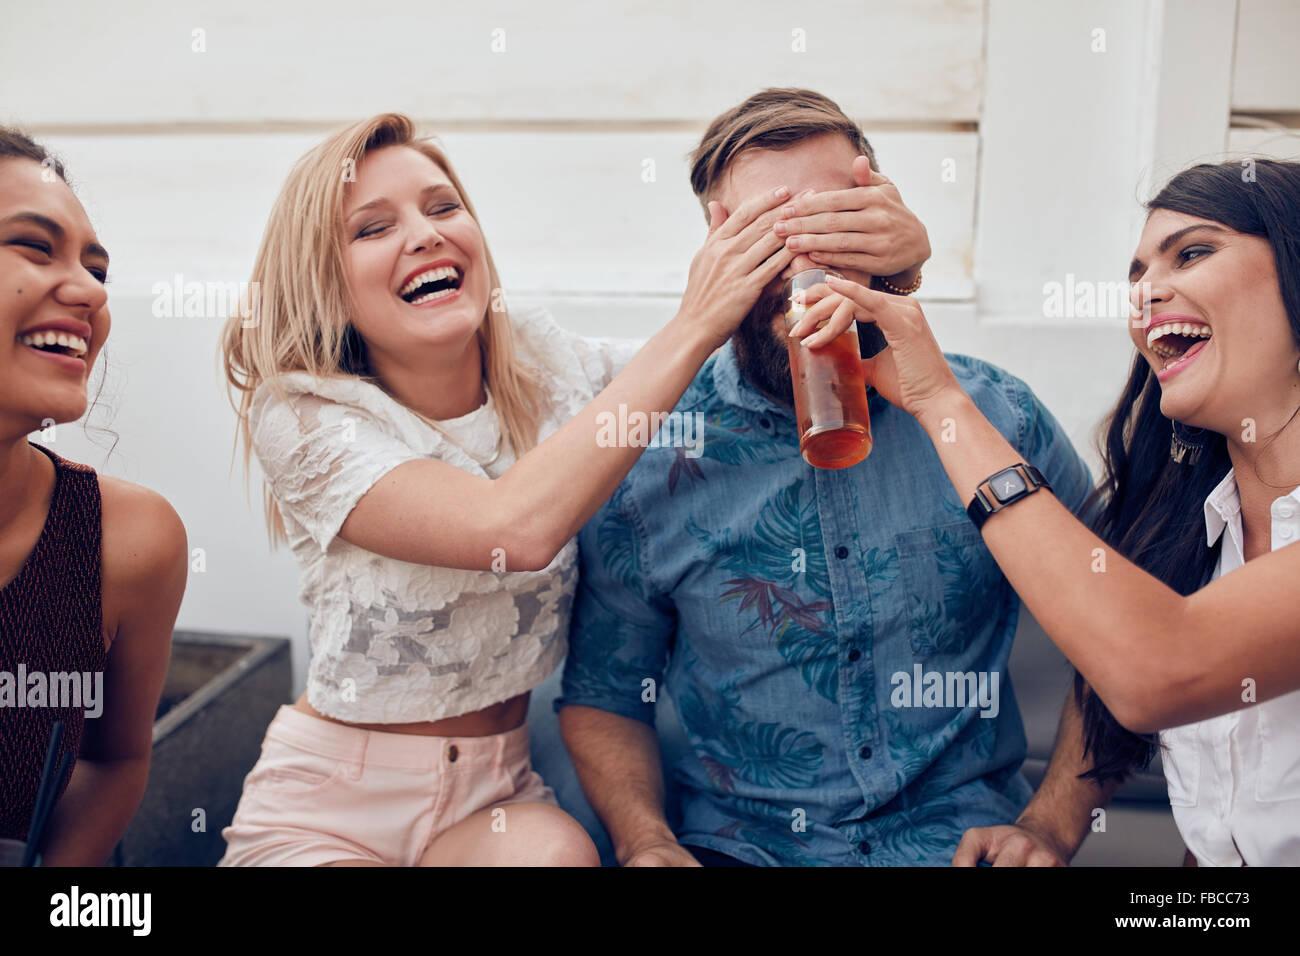 Foto de jóvenes sentados juntos disfrutando de partido. Mujer cerrando los ojos de un hombre con otro dando Imagen De Stock